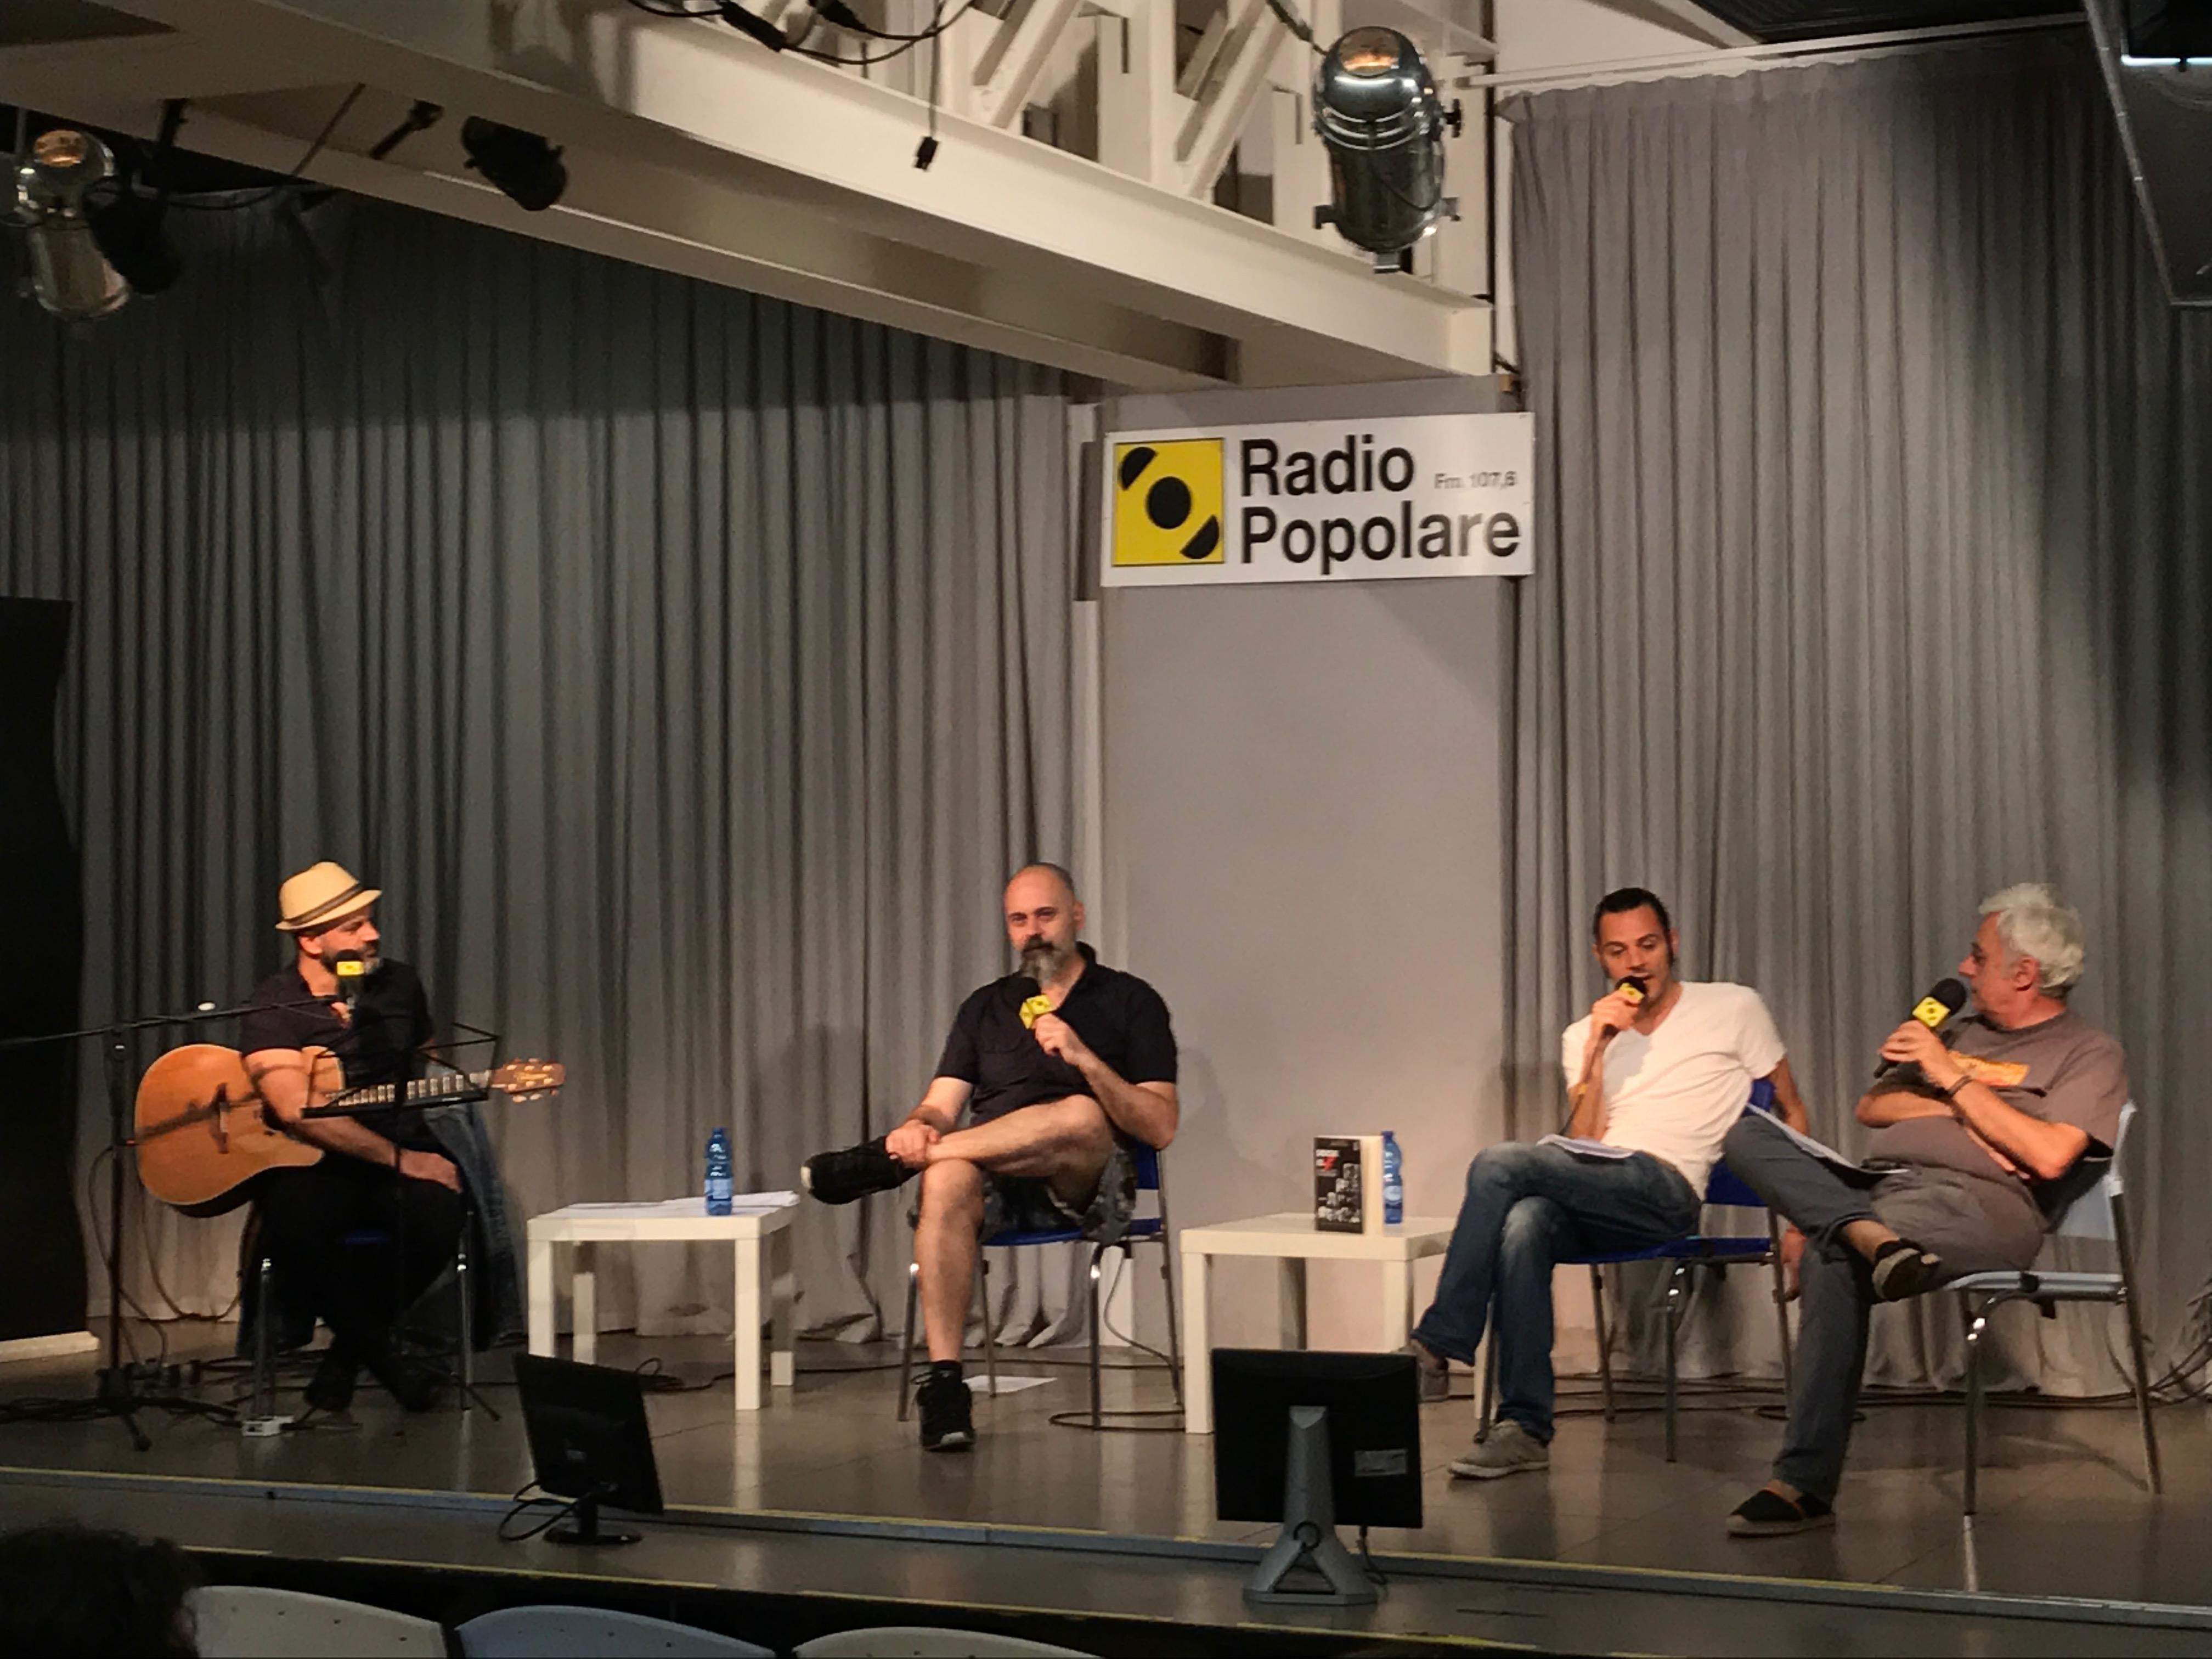 """Presentazione del libro """"Rock is dead"""". Claudio Agostoni dialoga con gli autori FT Sandman e Epish Porzioni. Il chitarrista Nicola Cioce eseguirà brani dei mitici protagonisti del libro."""